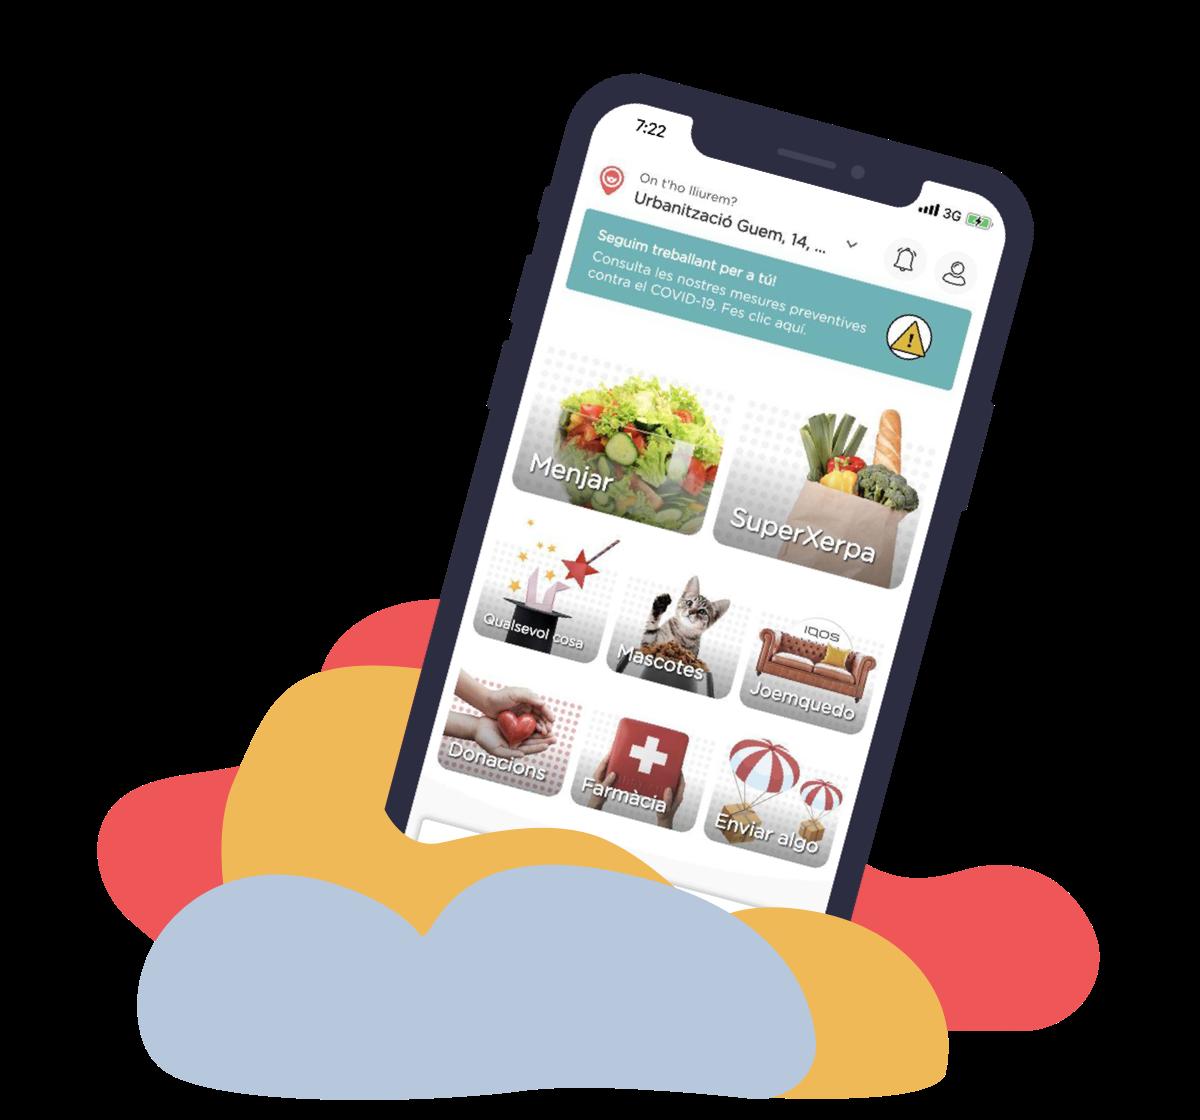 Descobreix tota l'oferta de CityXerpa, descarrega't la app per iOS i Android avui mateix.